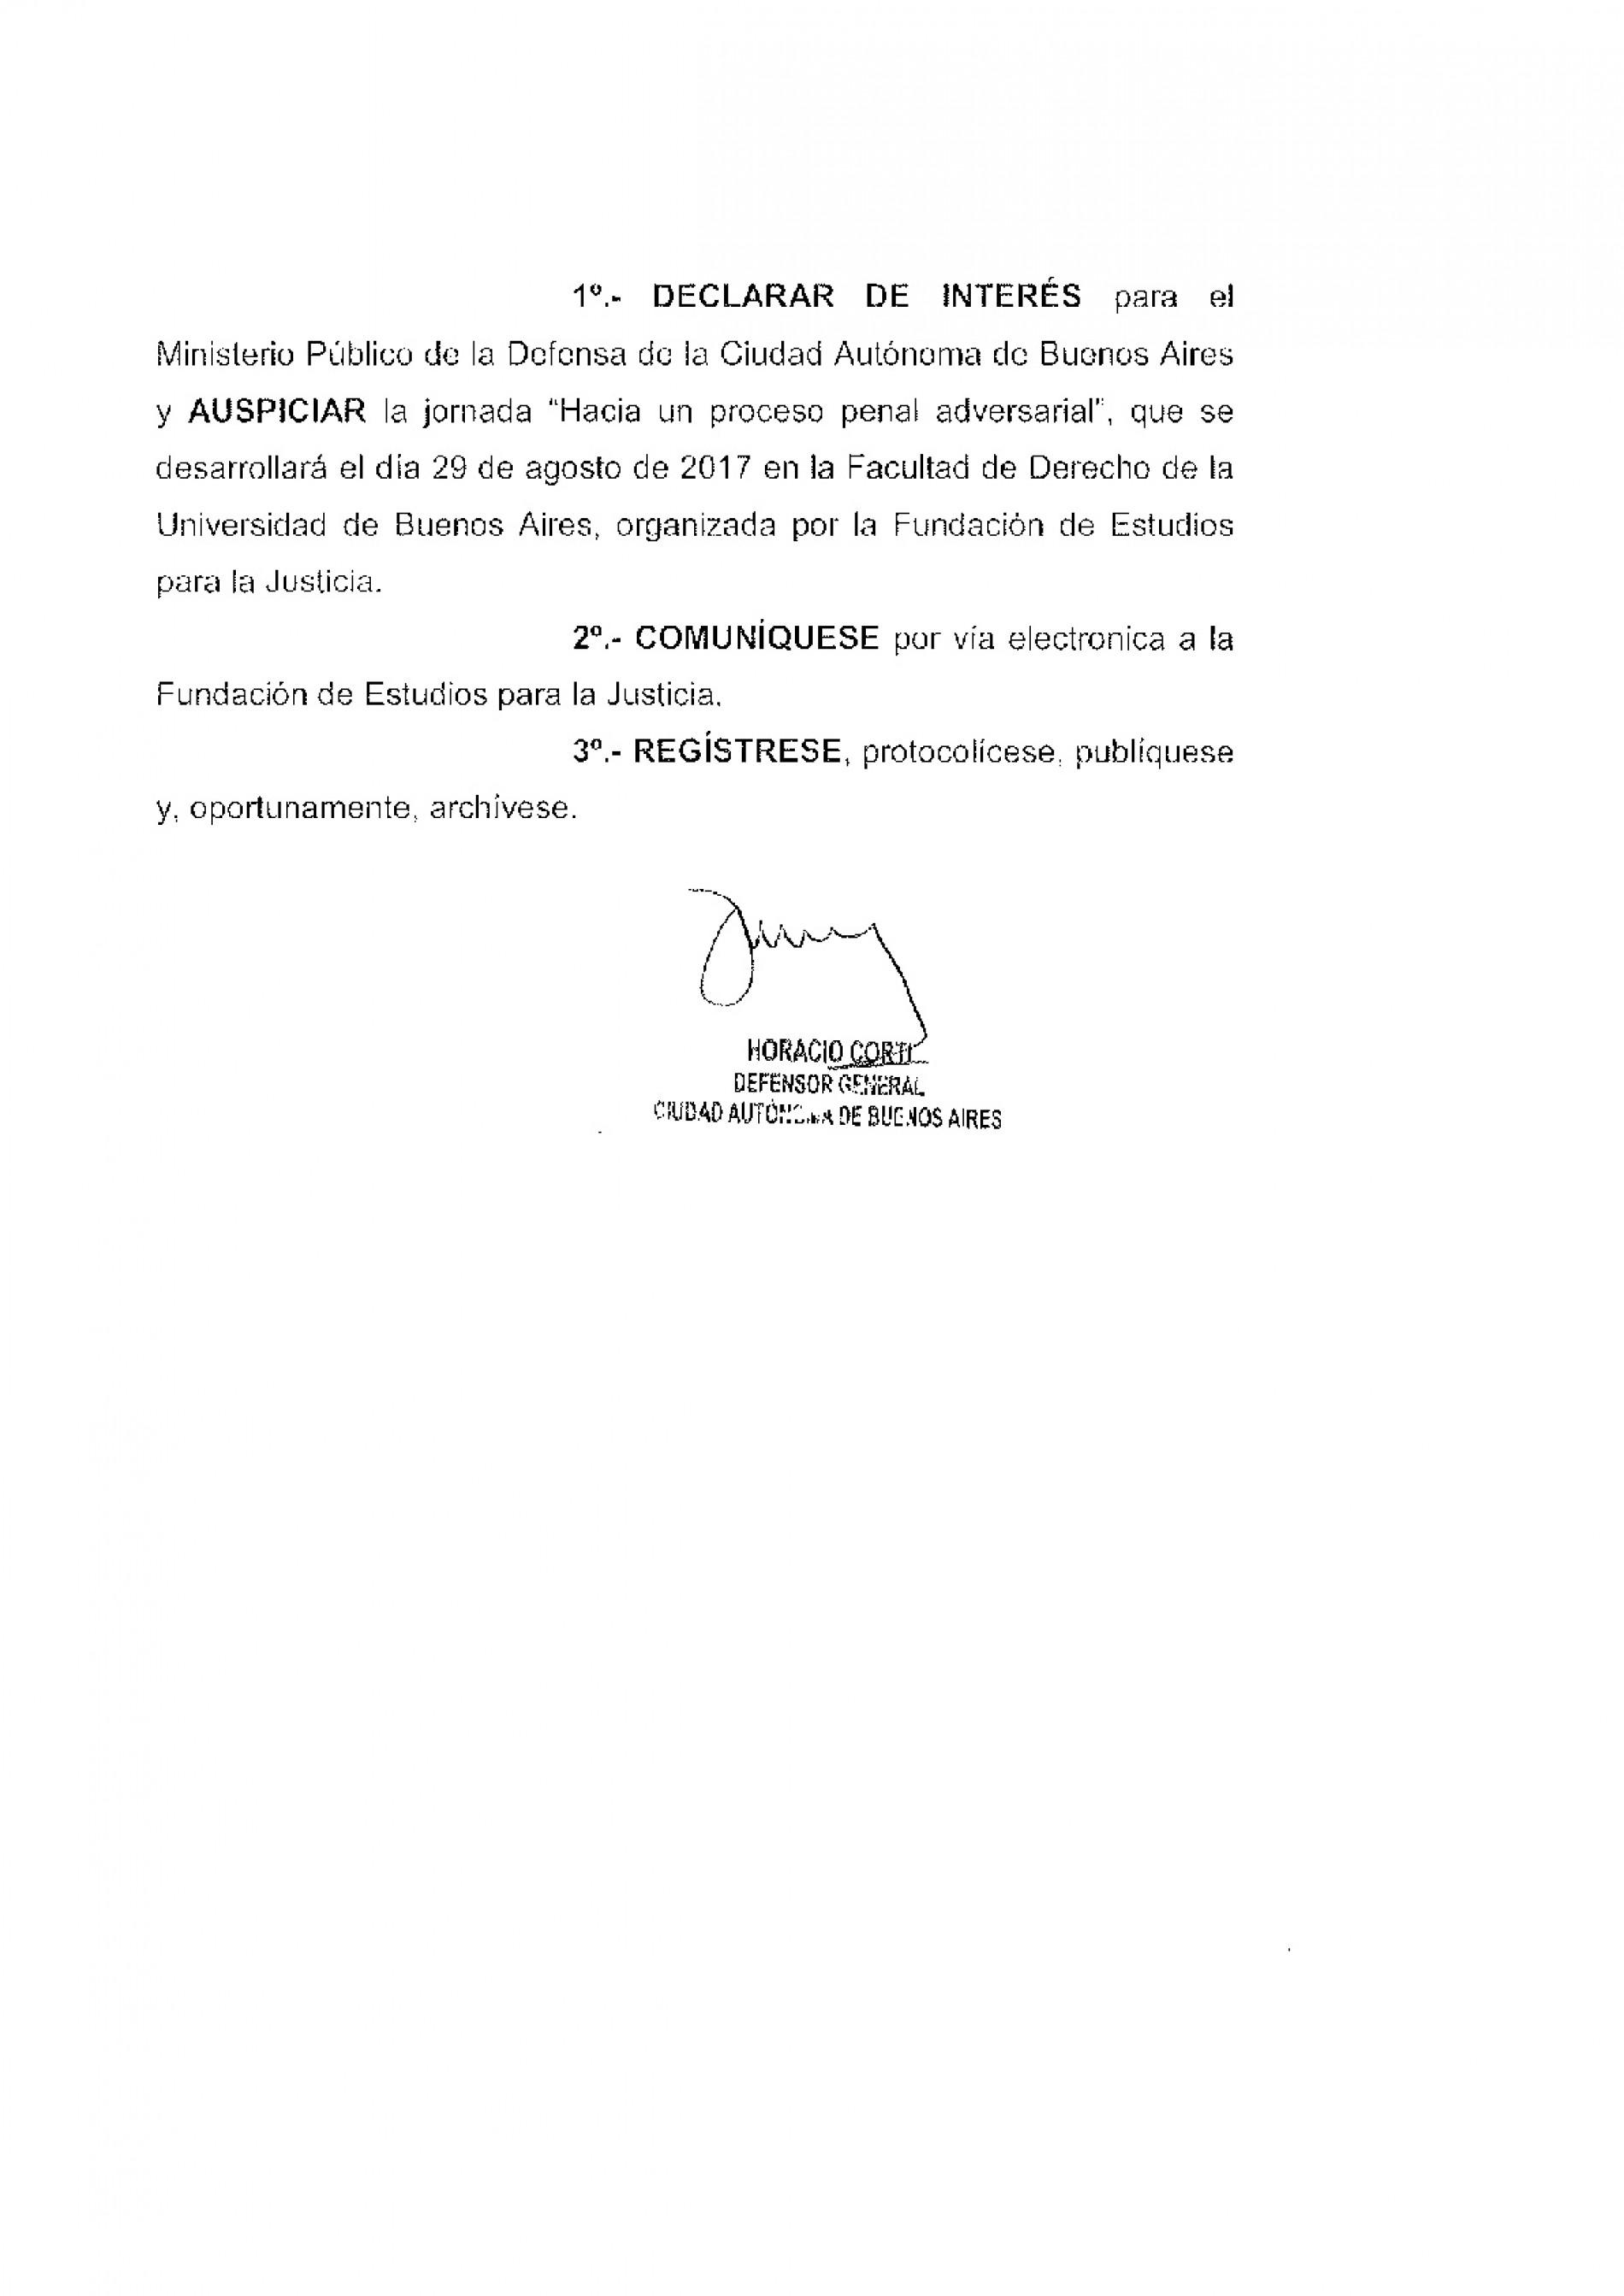 Jornada » Hacia un proceso penal adversarial «: Declaración de interés del Ministerio Público de la Defensa C.A.B.A.